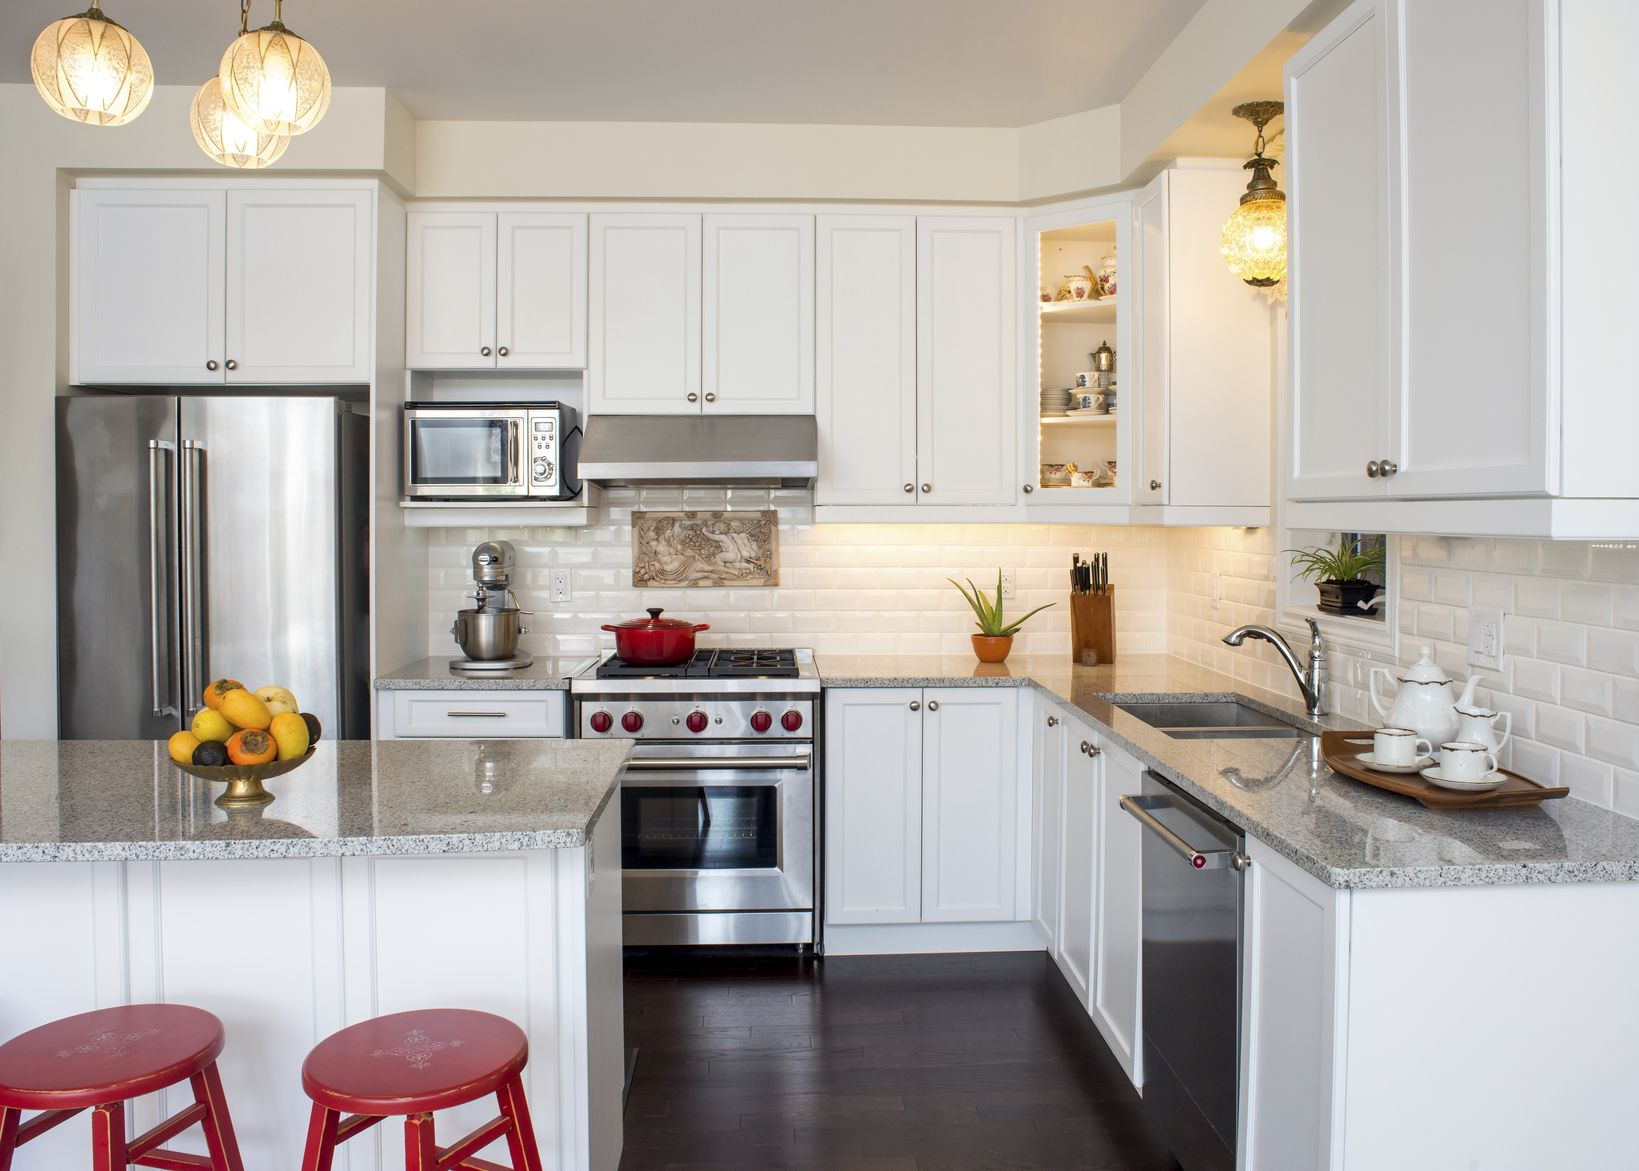 Durable Paint For Kitchen Cabinets En 2020 Cuisine Classique Cuisine Classique